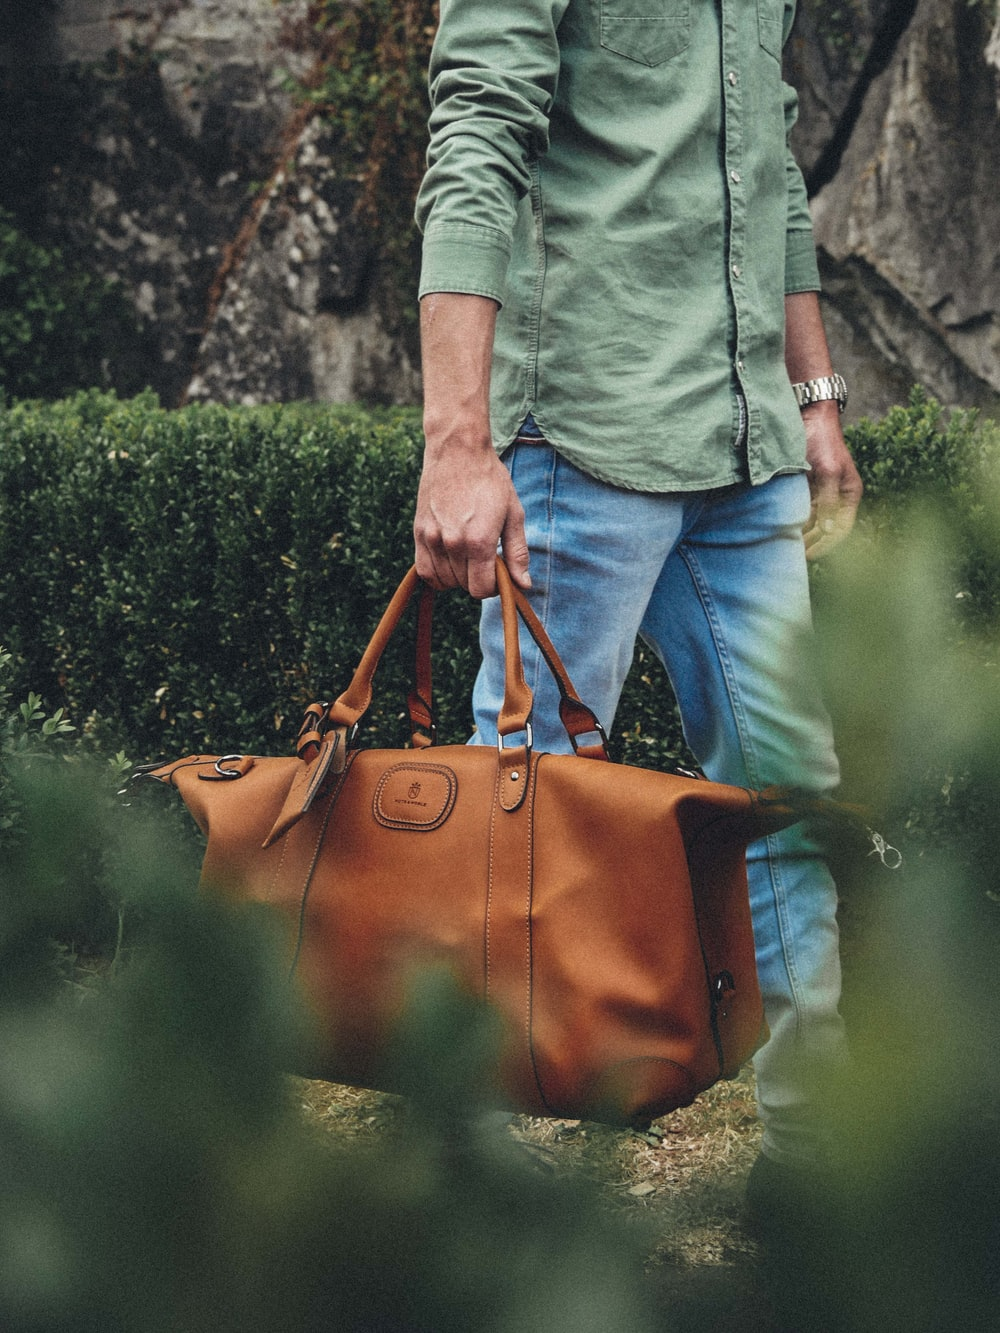 man holding bag near grass